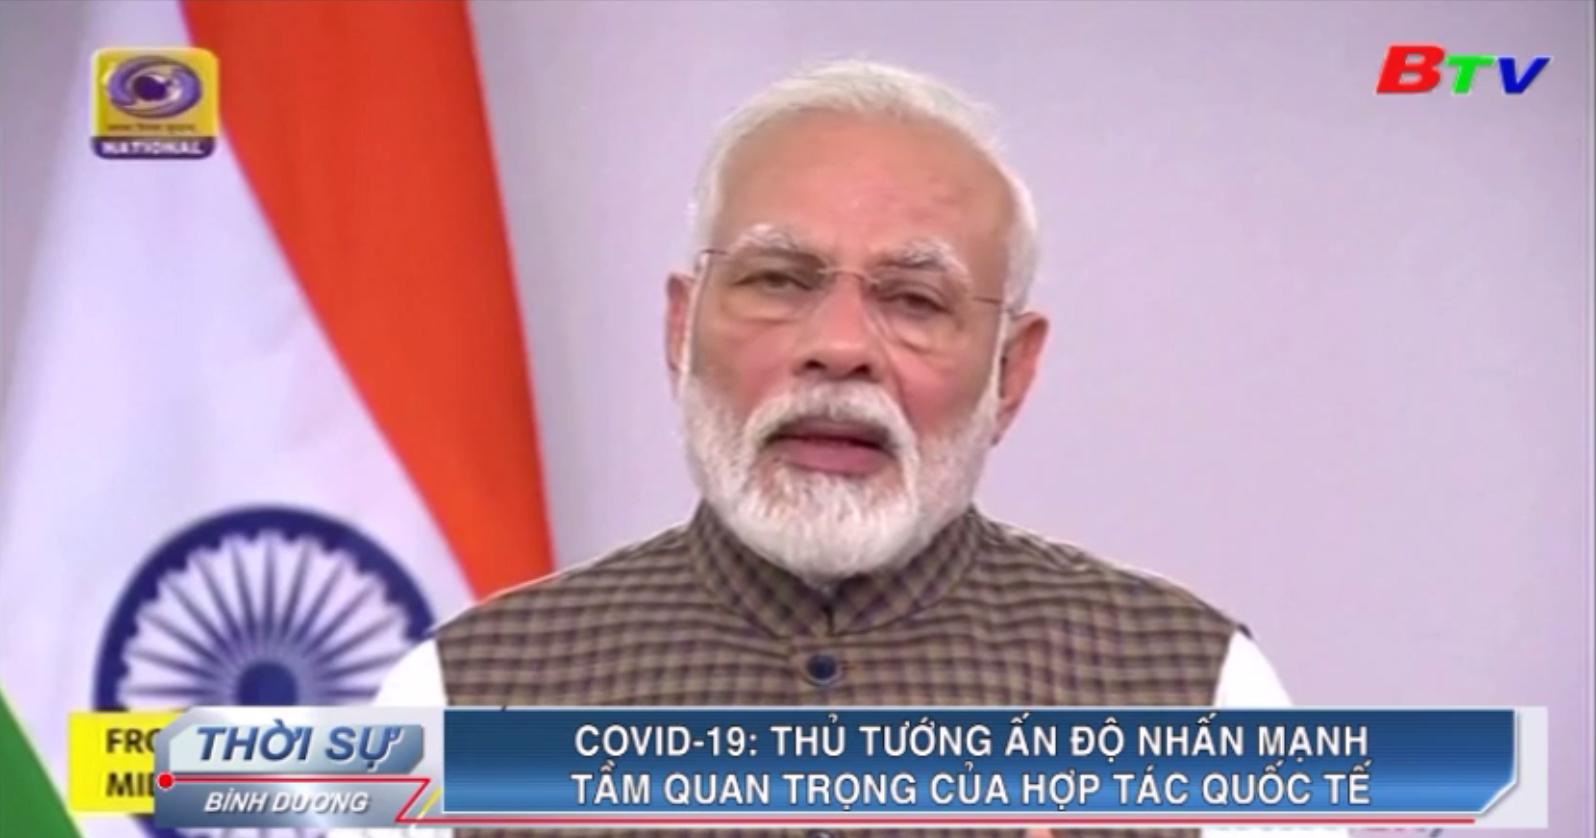 Covid-19 – Thủ tướng Ấn Độ nhấn mạnh tầm quan trọng của hợp tác quốc tế